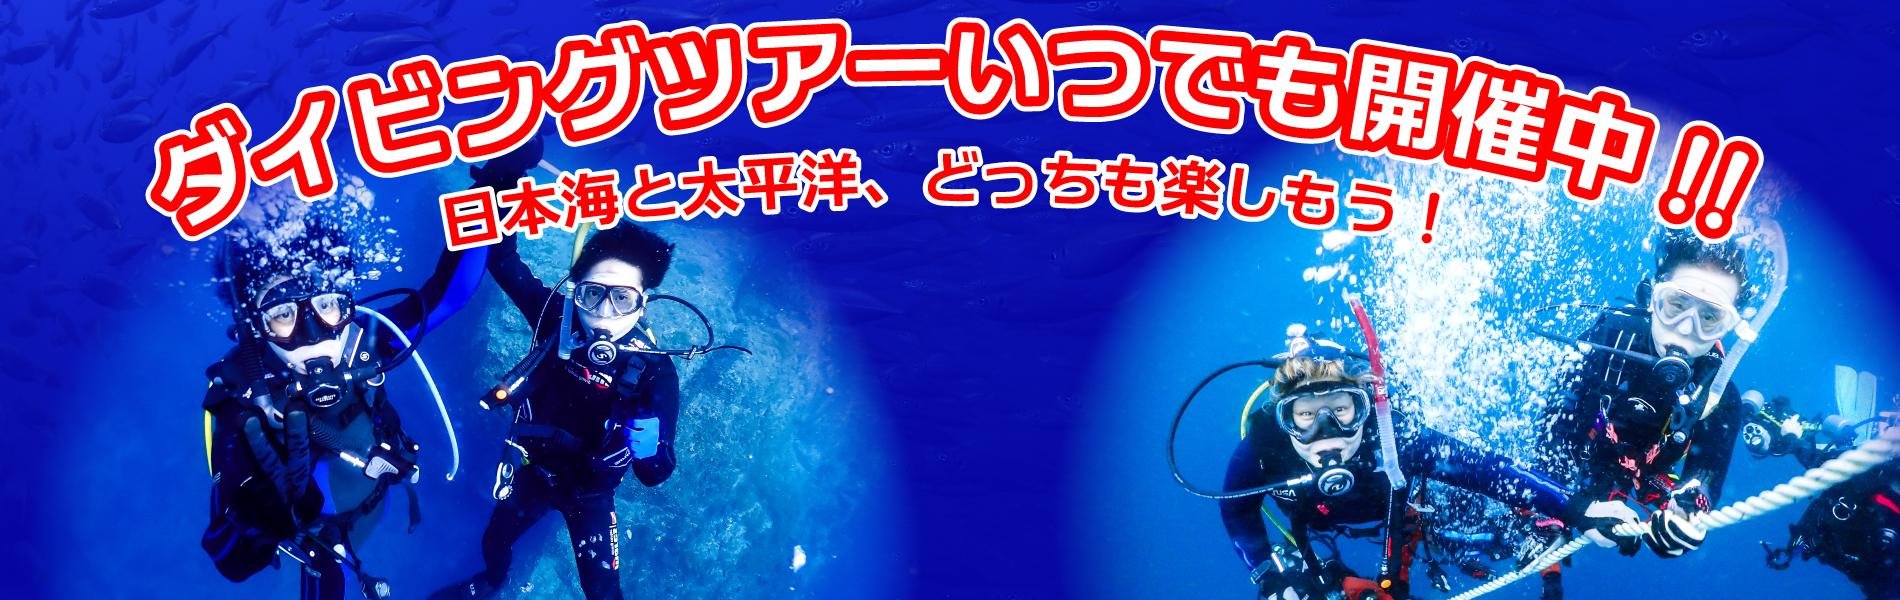 ダイビングツアーいつでも開催中!!日本海と太平洋、どっちも楽しもう!